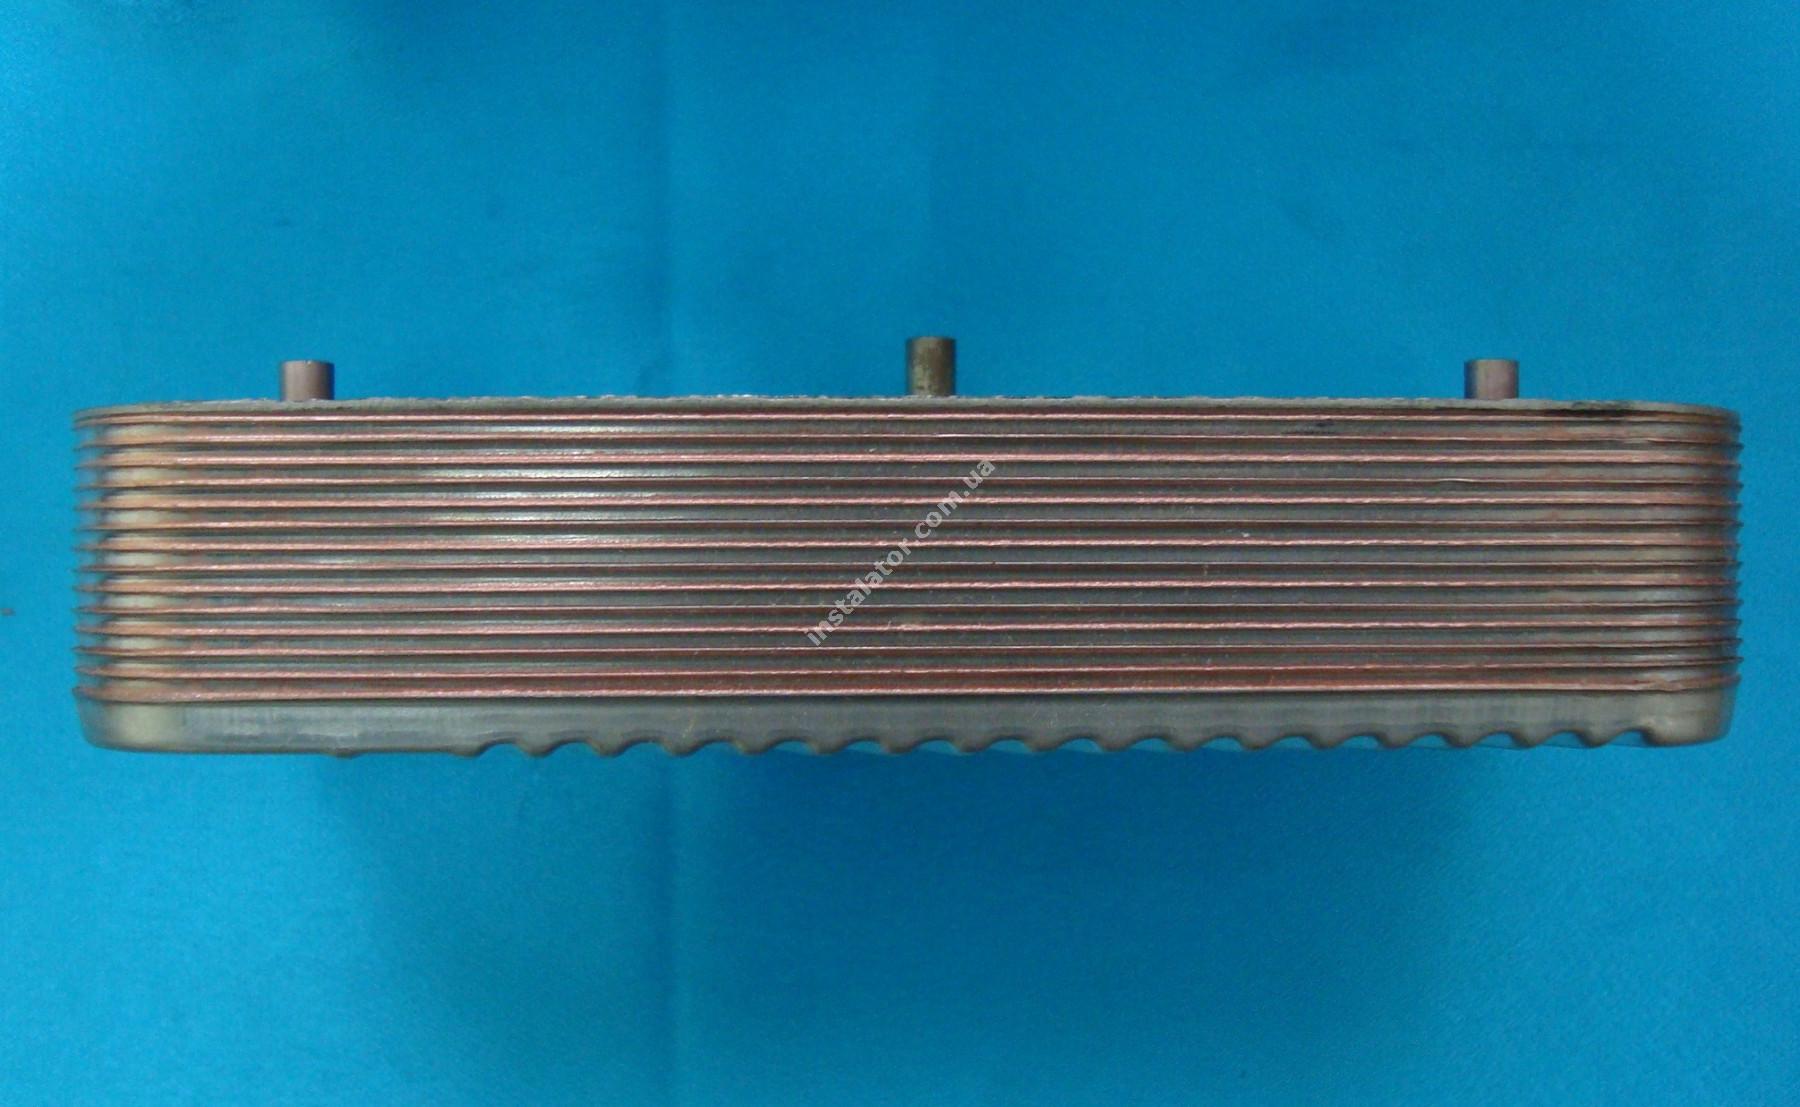 17B1951409 Теплообмінник вторинний 14 пластин SIME Format Zip BF ZILMET full-image-2